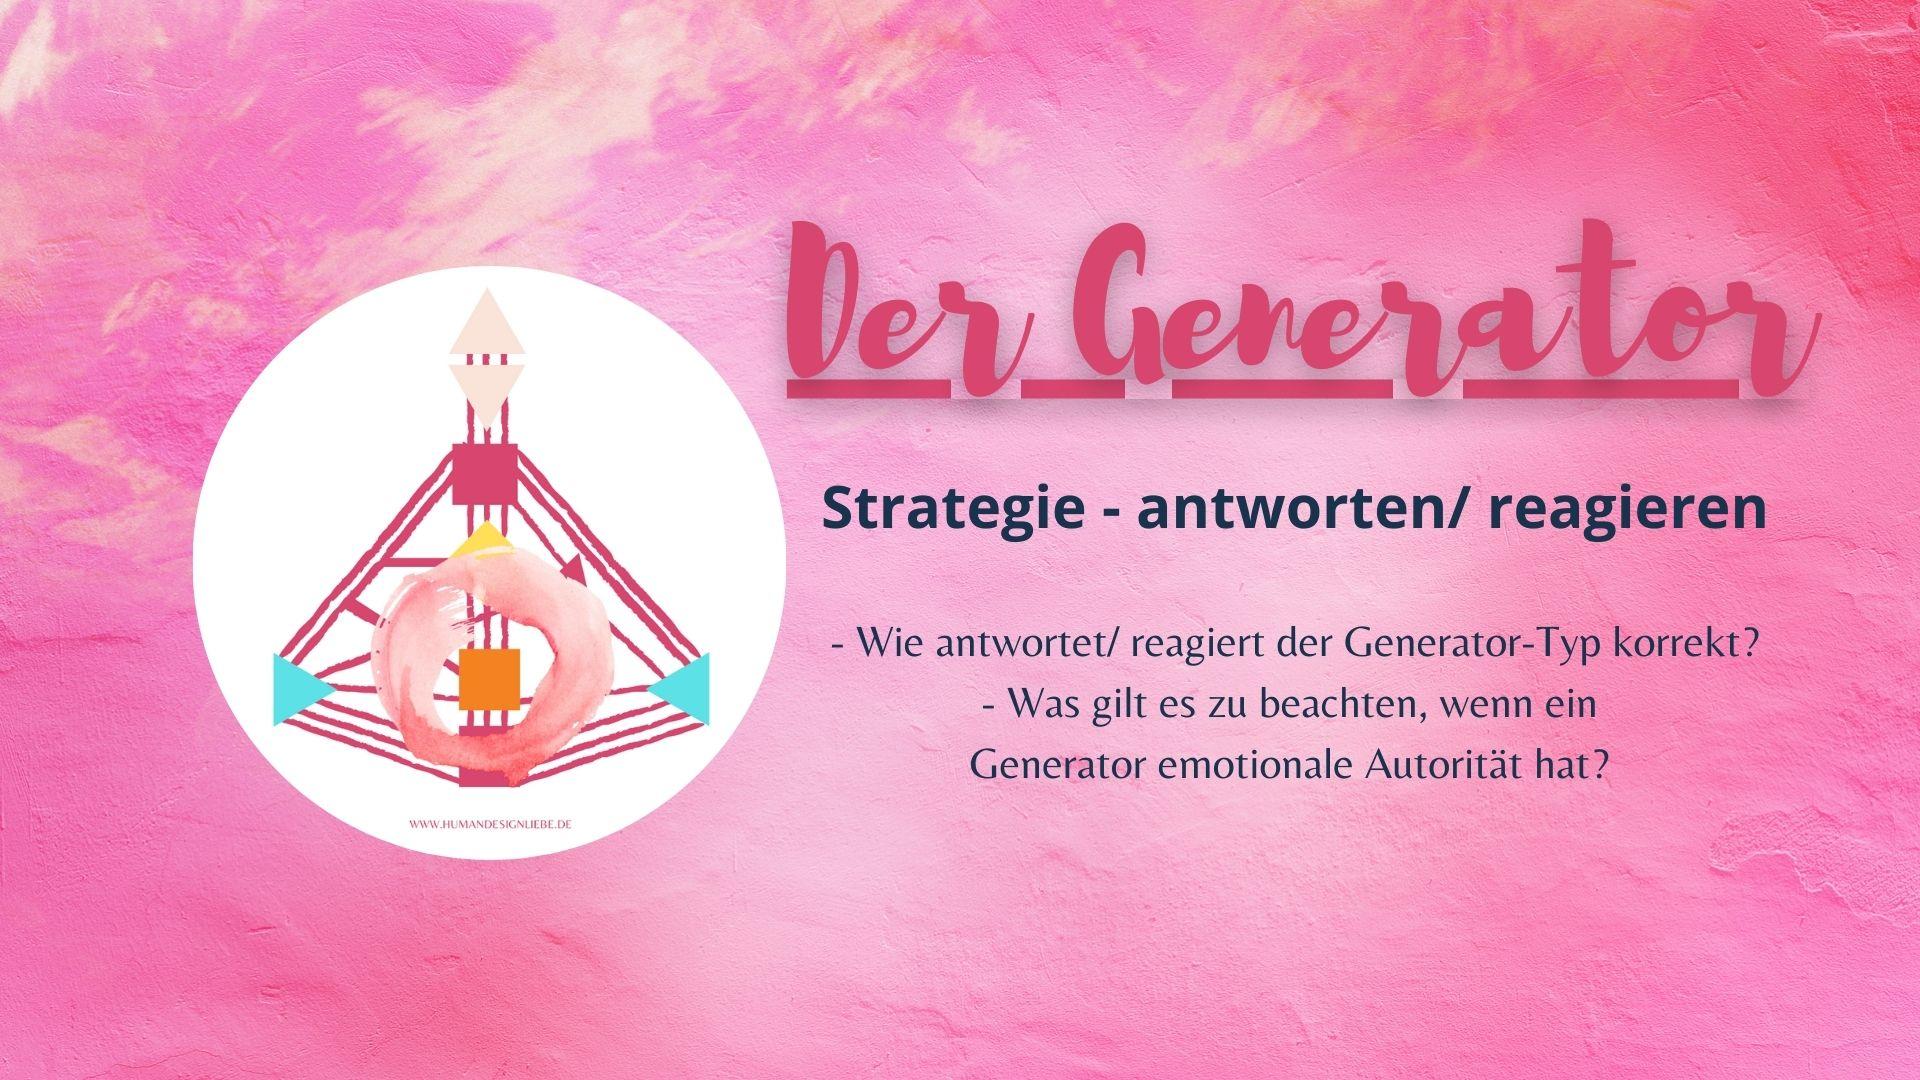 Human Design - Der Generator und seine Strategie